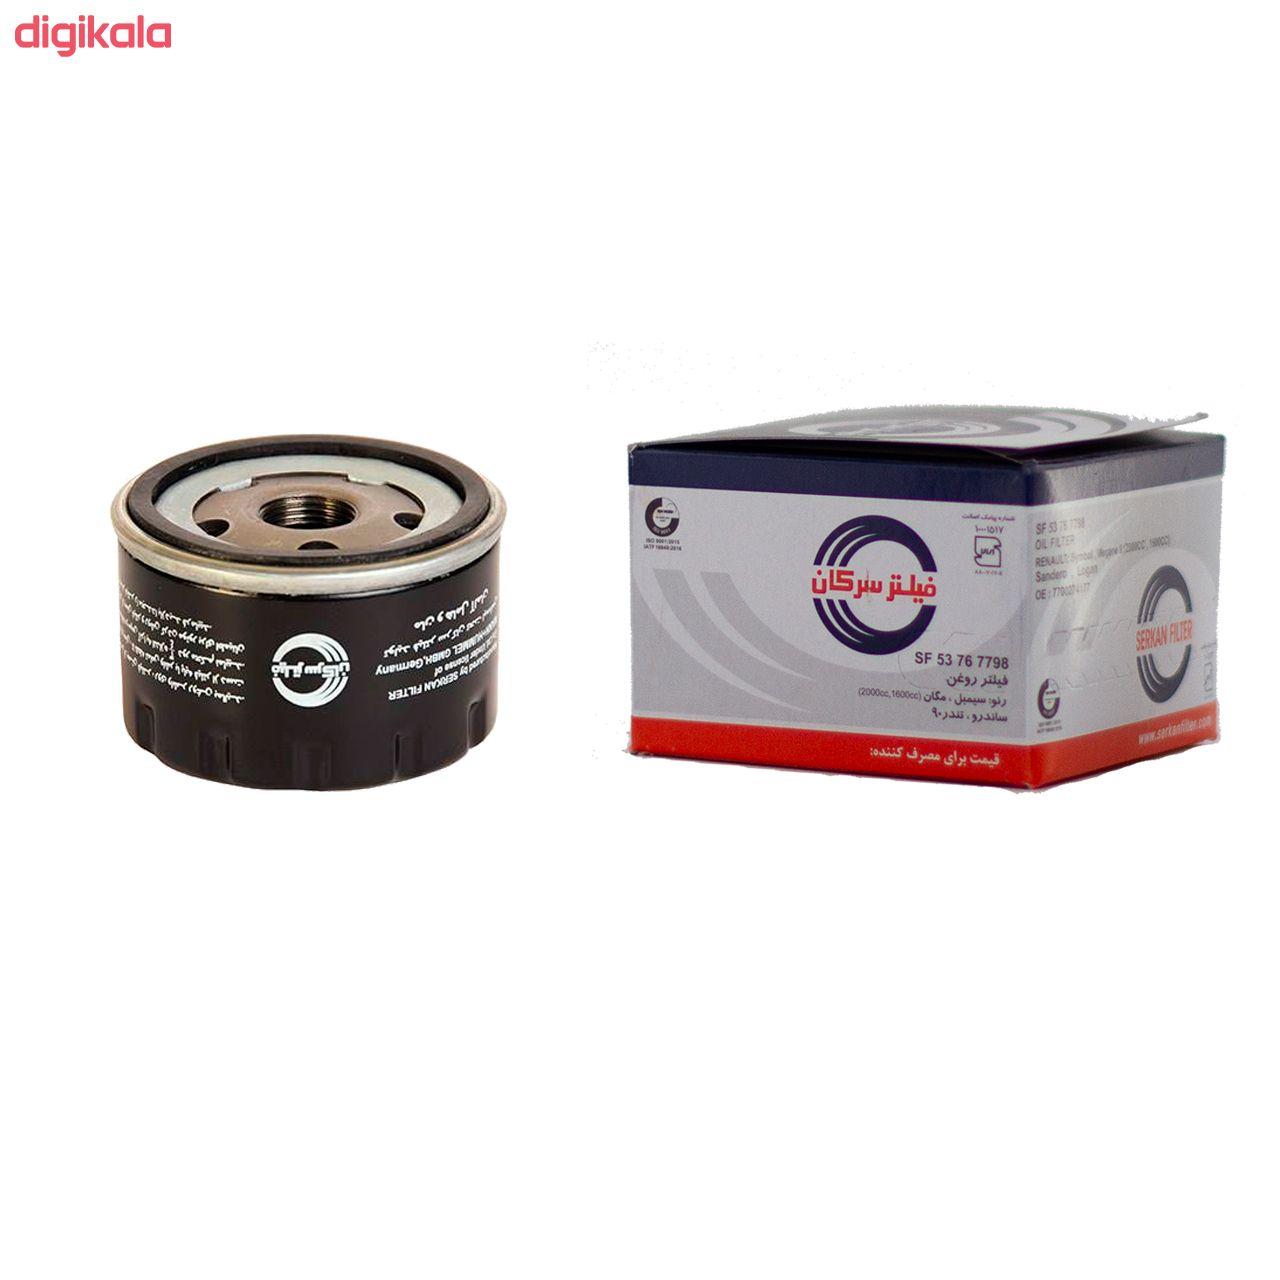 فیلتر روغن خودرو سرکان مدل SF7798 مناسب برای تندر90 به همراه فیلتر هوا main 1 4